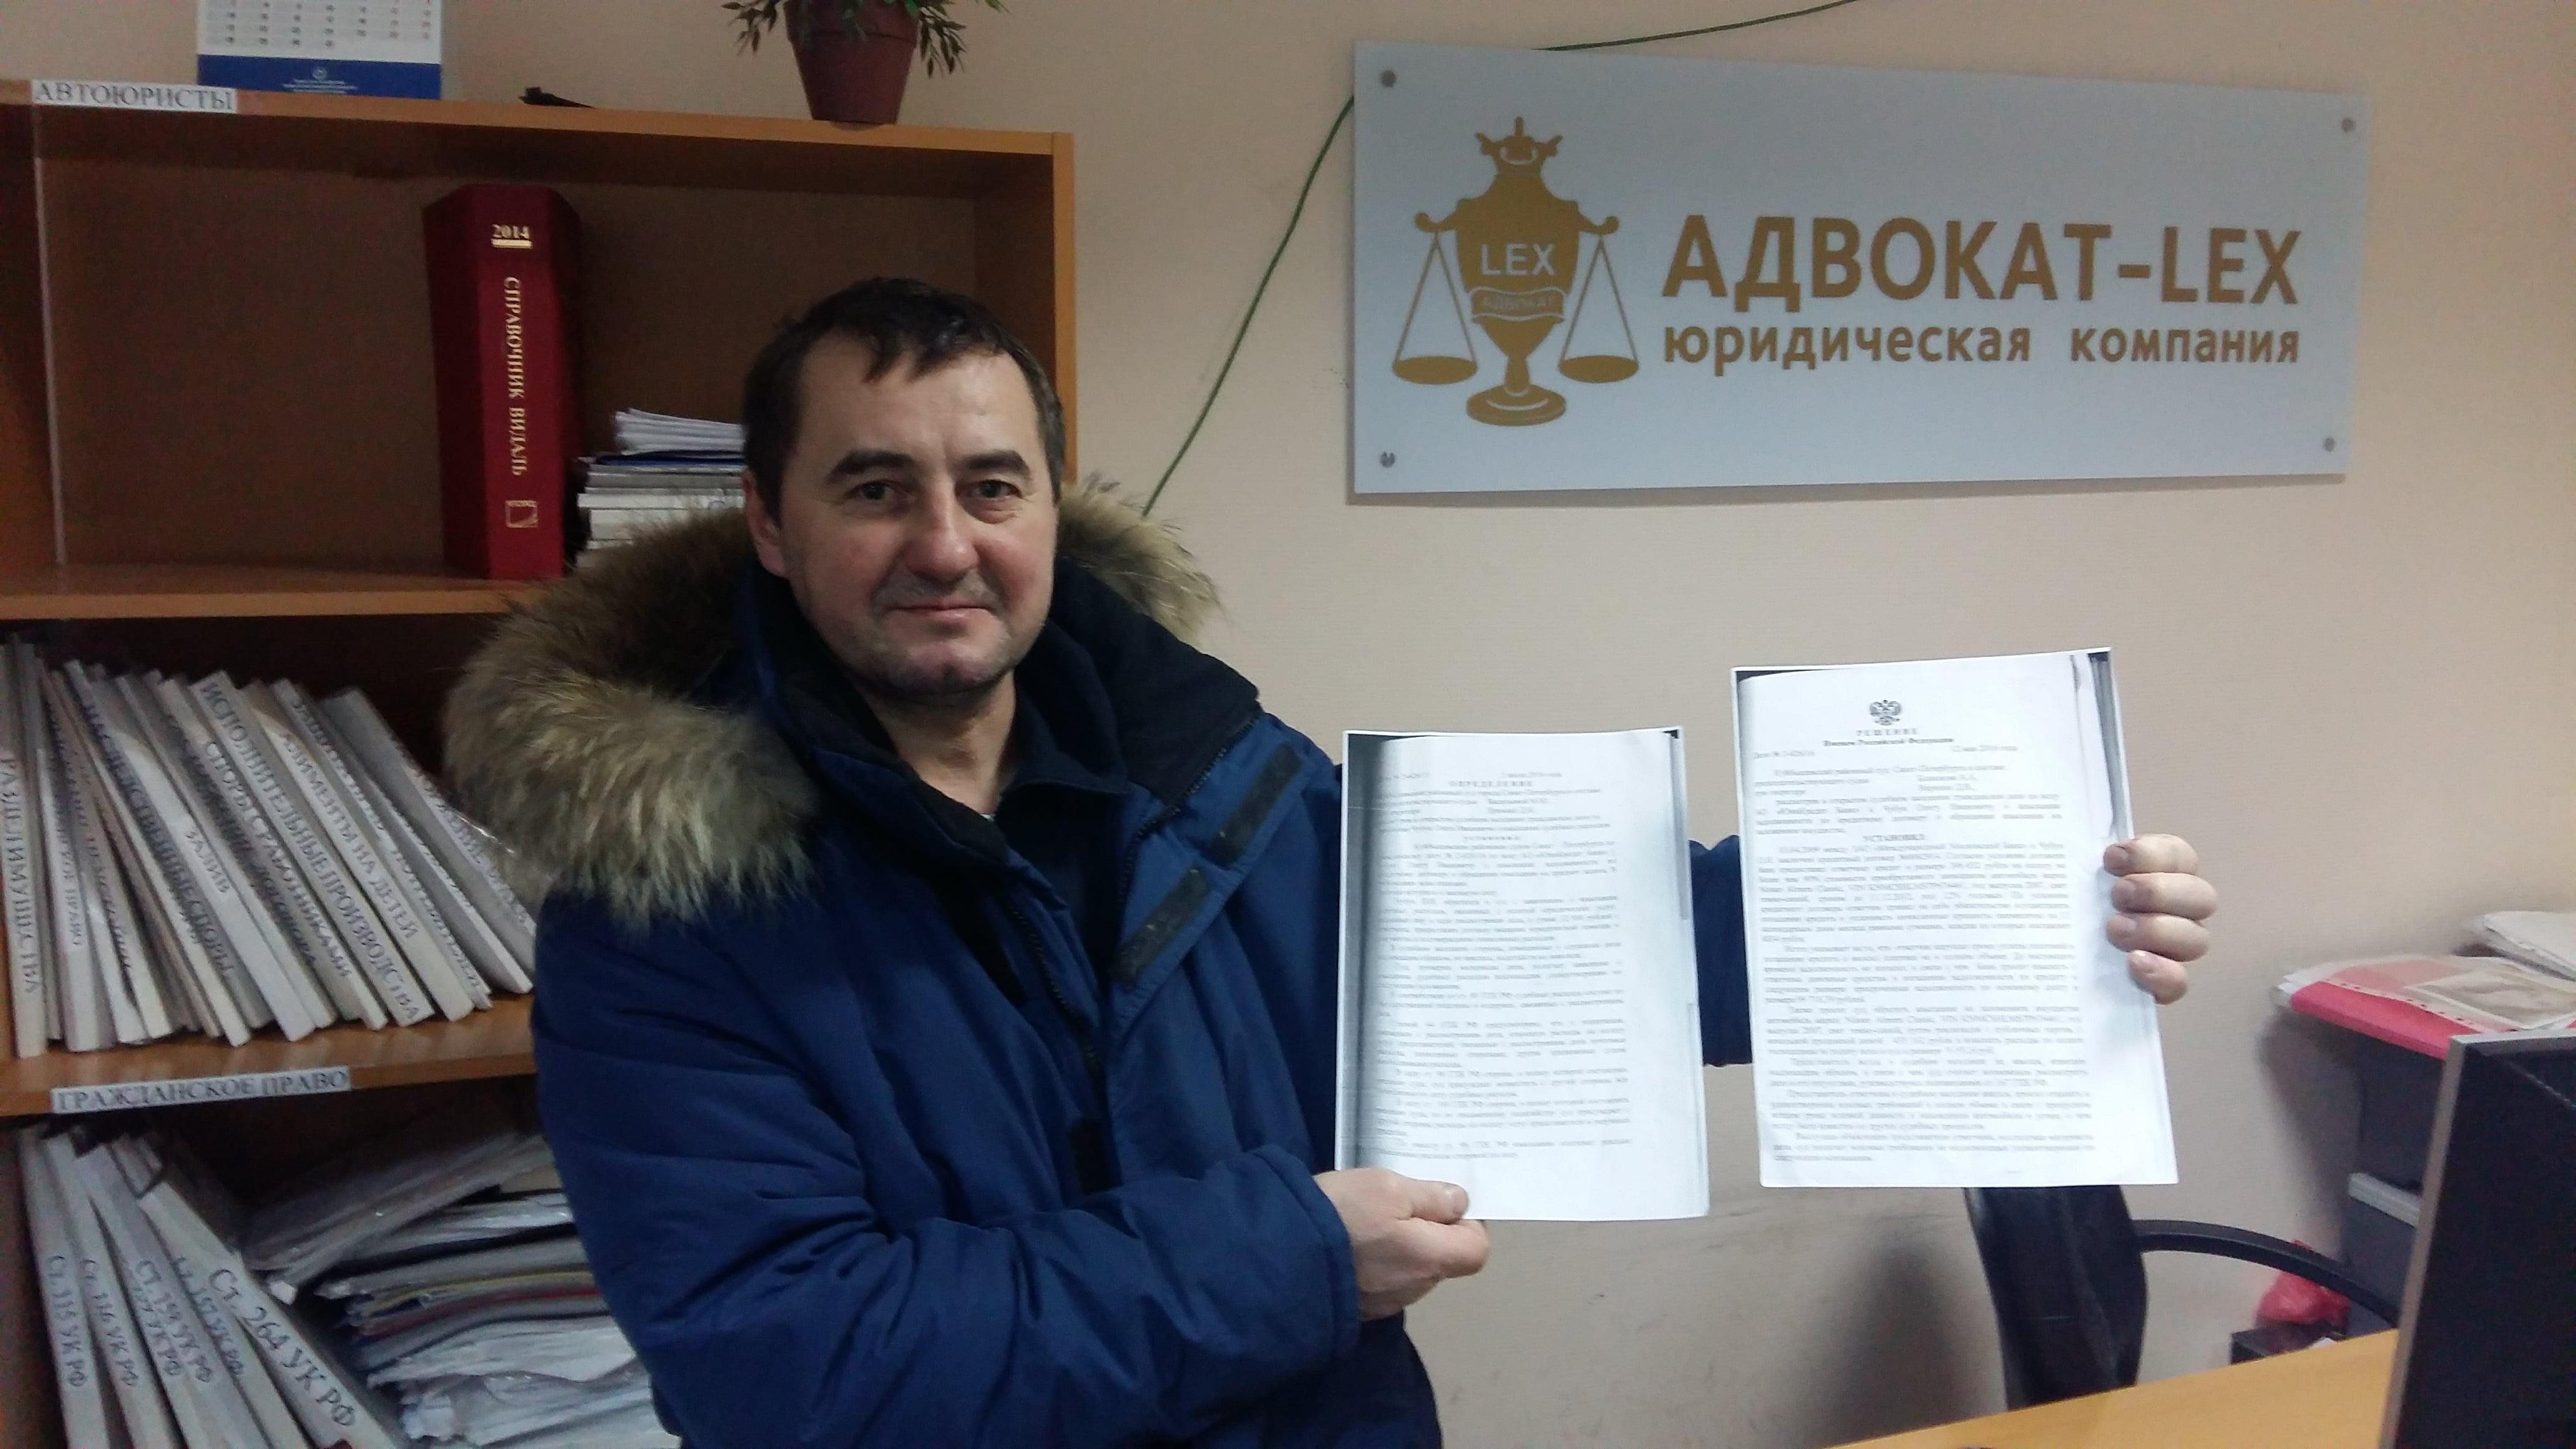 юридические консультация в московском районе